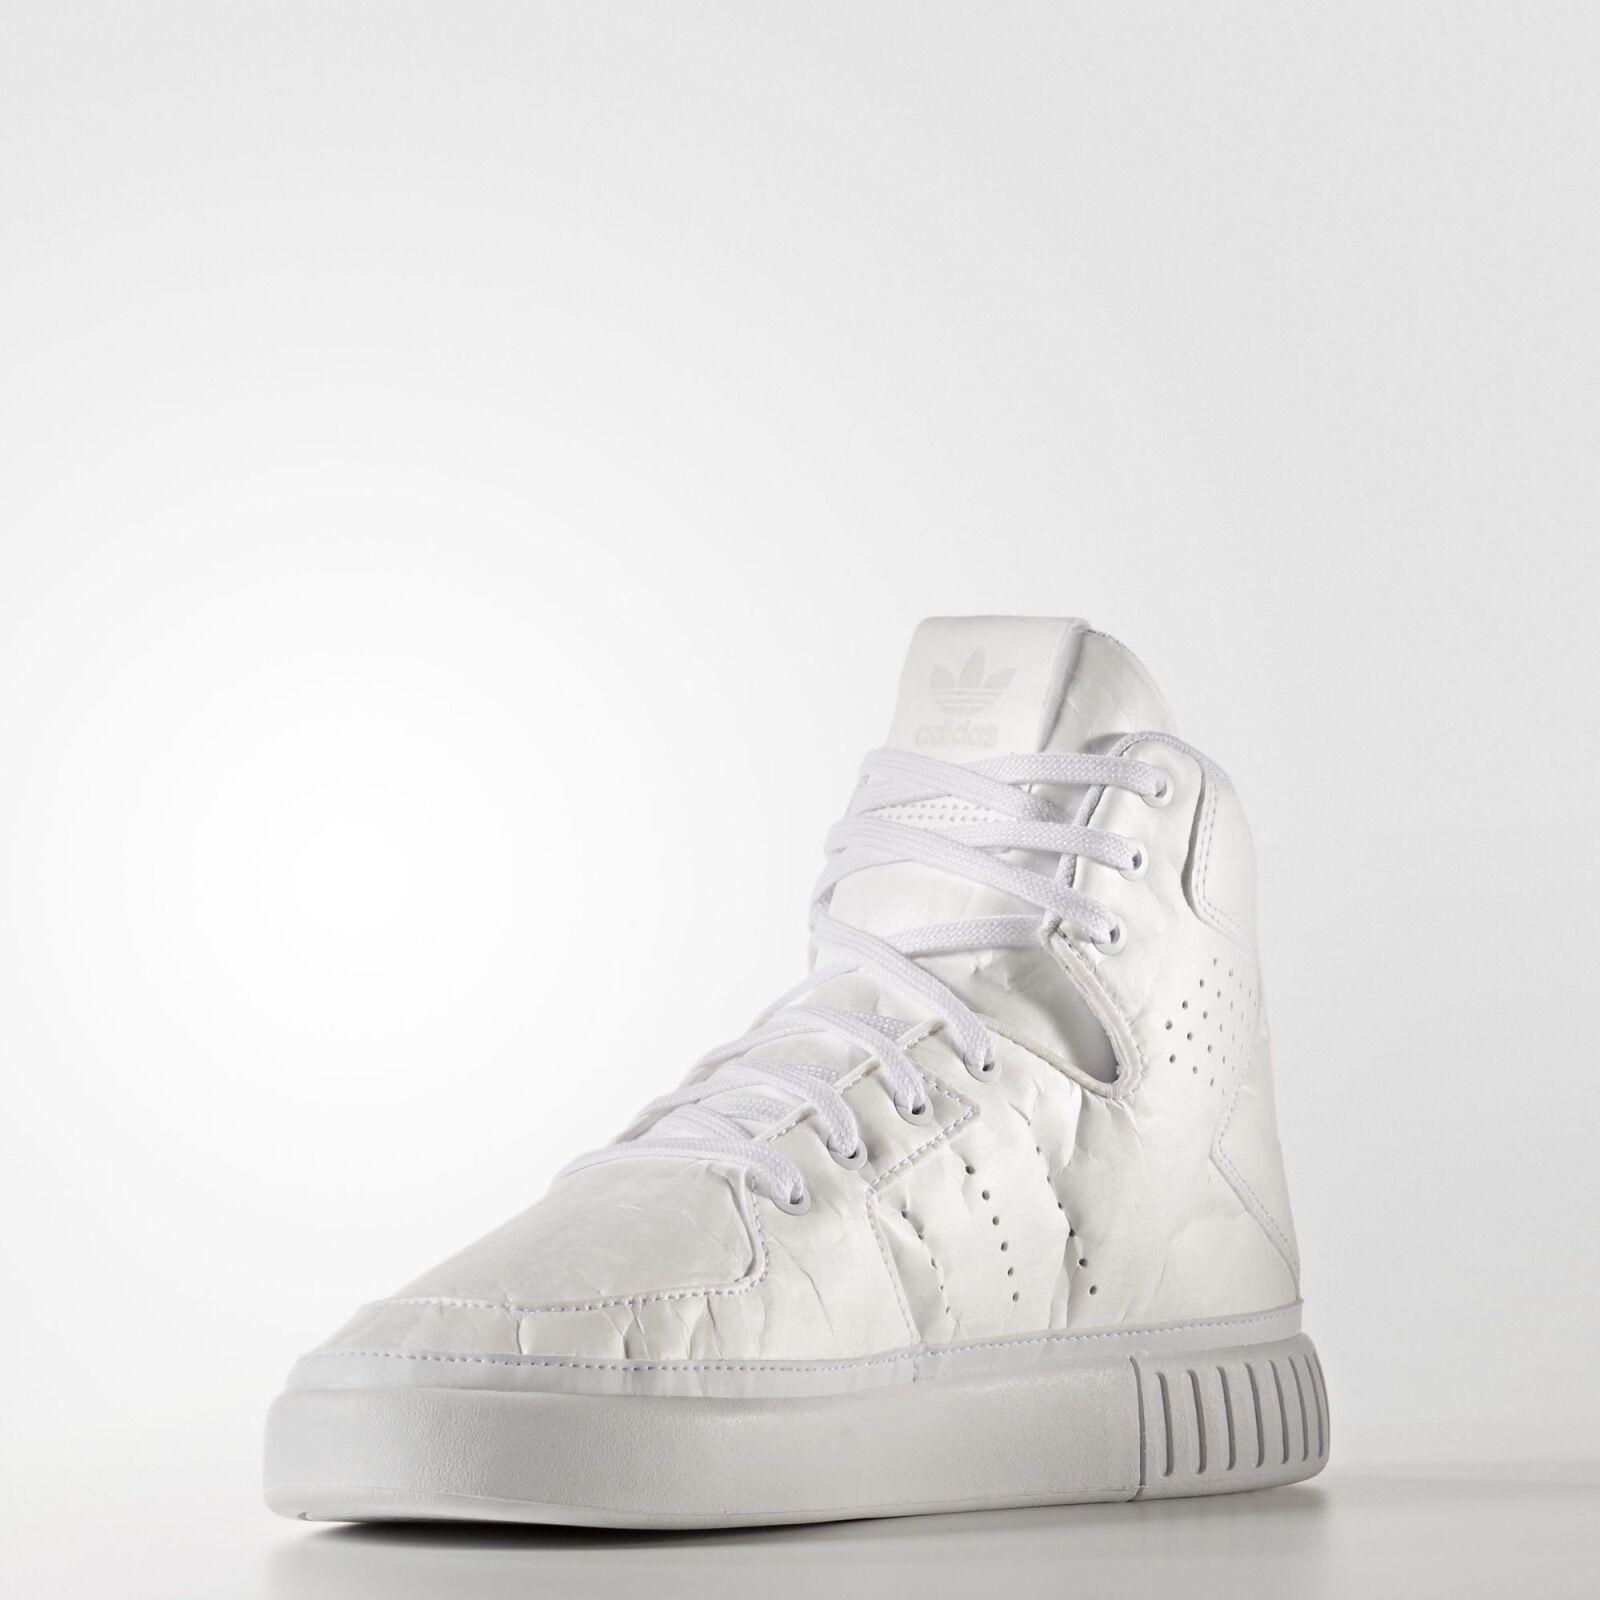 Adidas Originals de tubular invasor 2.0 zapatos de Originals mujer confortable, comodo y atractivo 7a808d